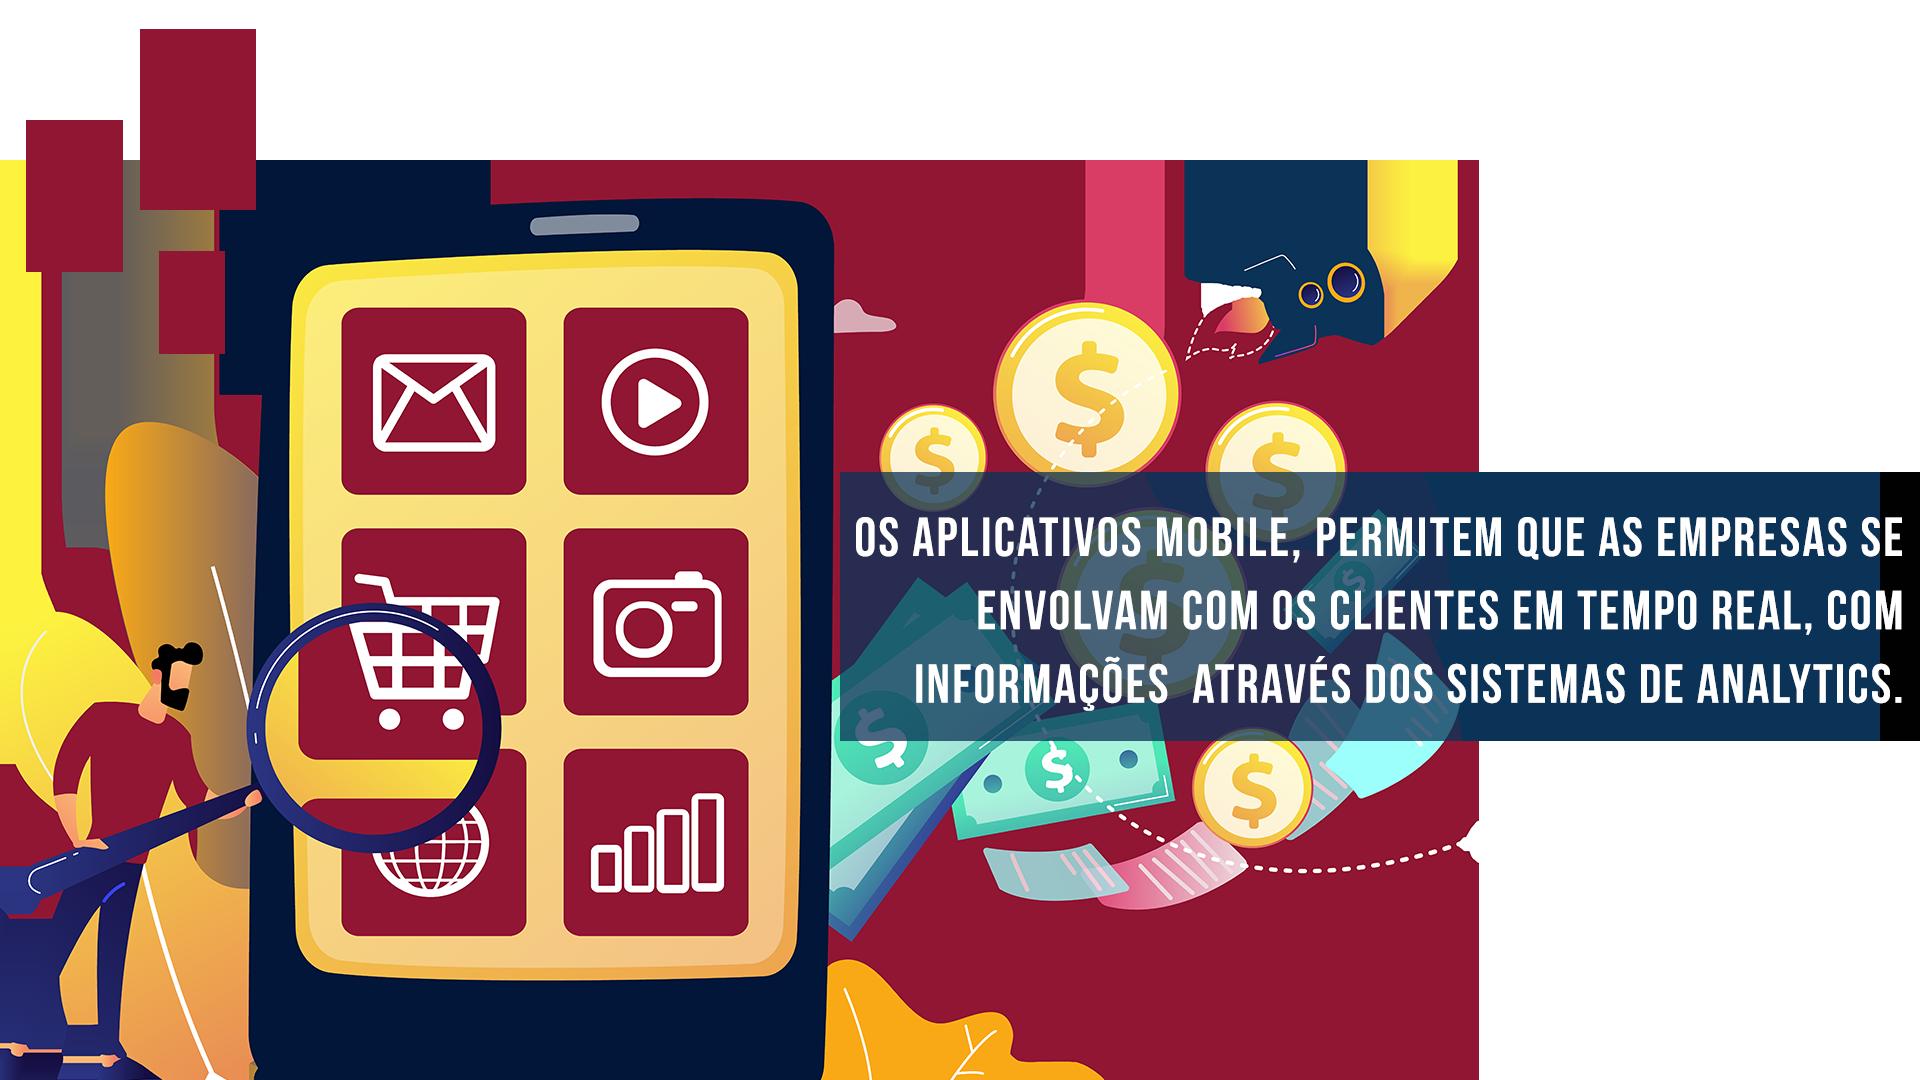 Os aplicativos mobile, permitem que as empresas se envolvam com os clientes em tempo real, com informações através dos sistemas de analytics.